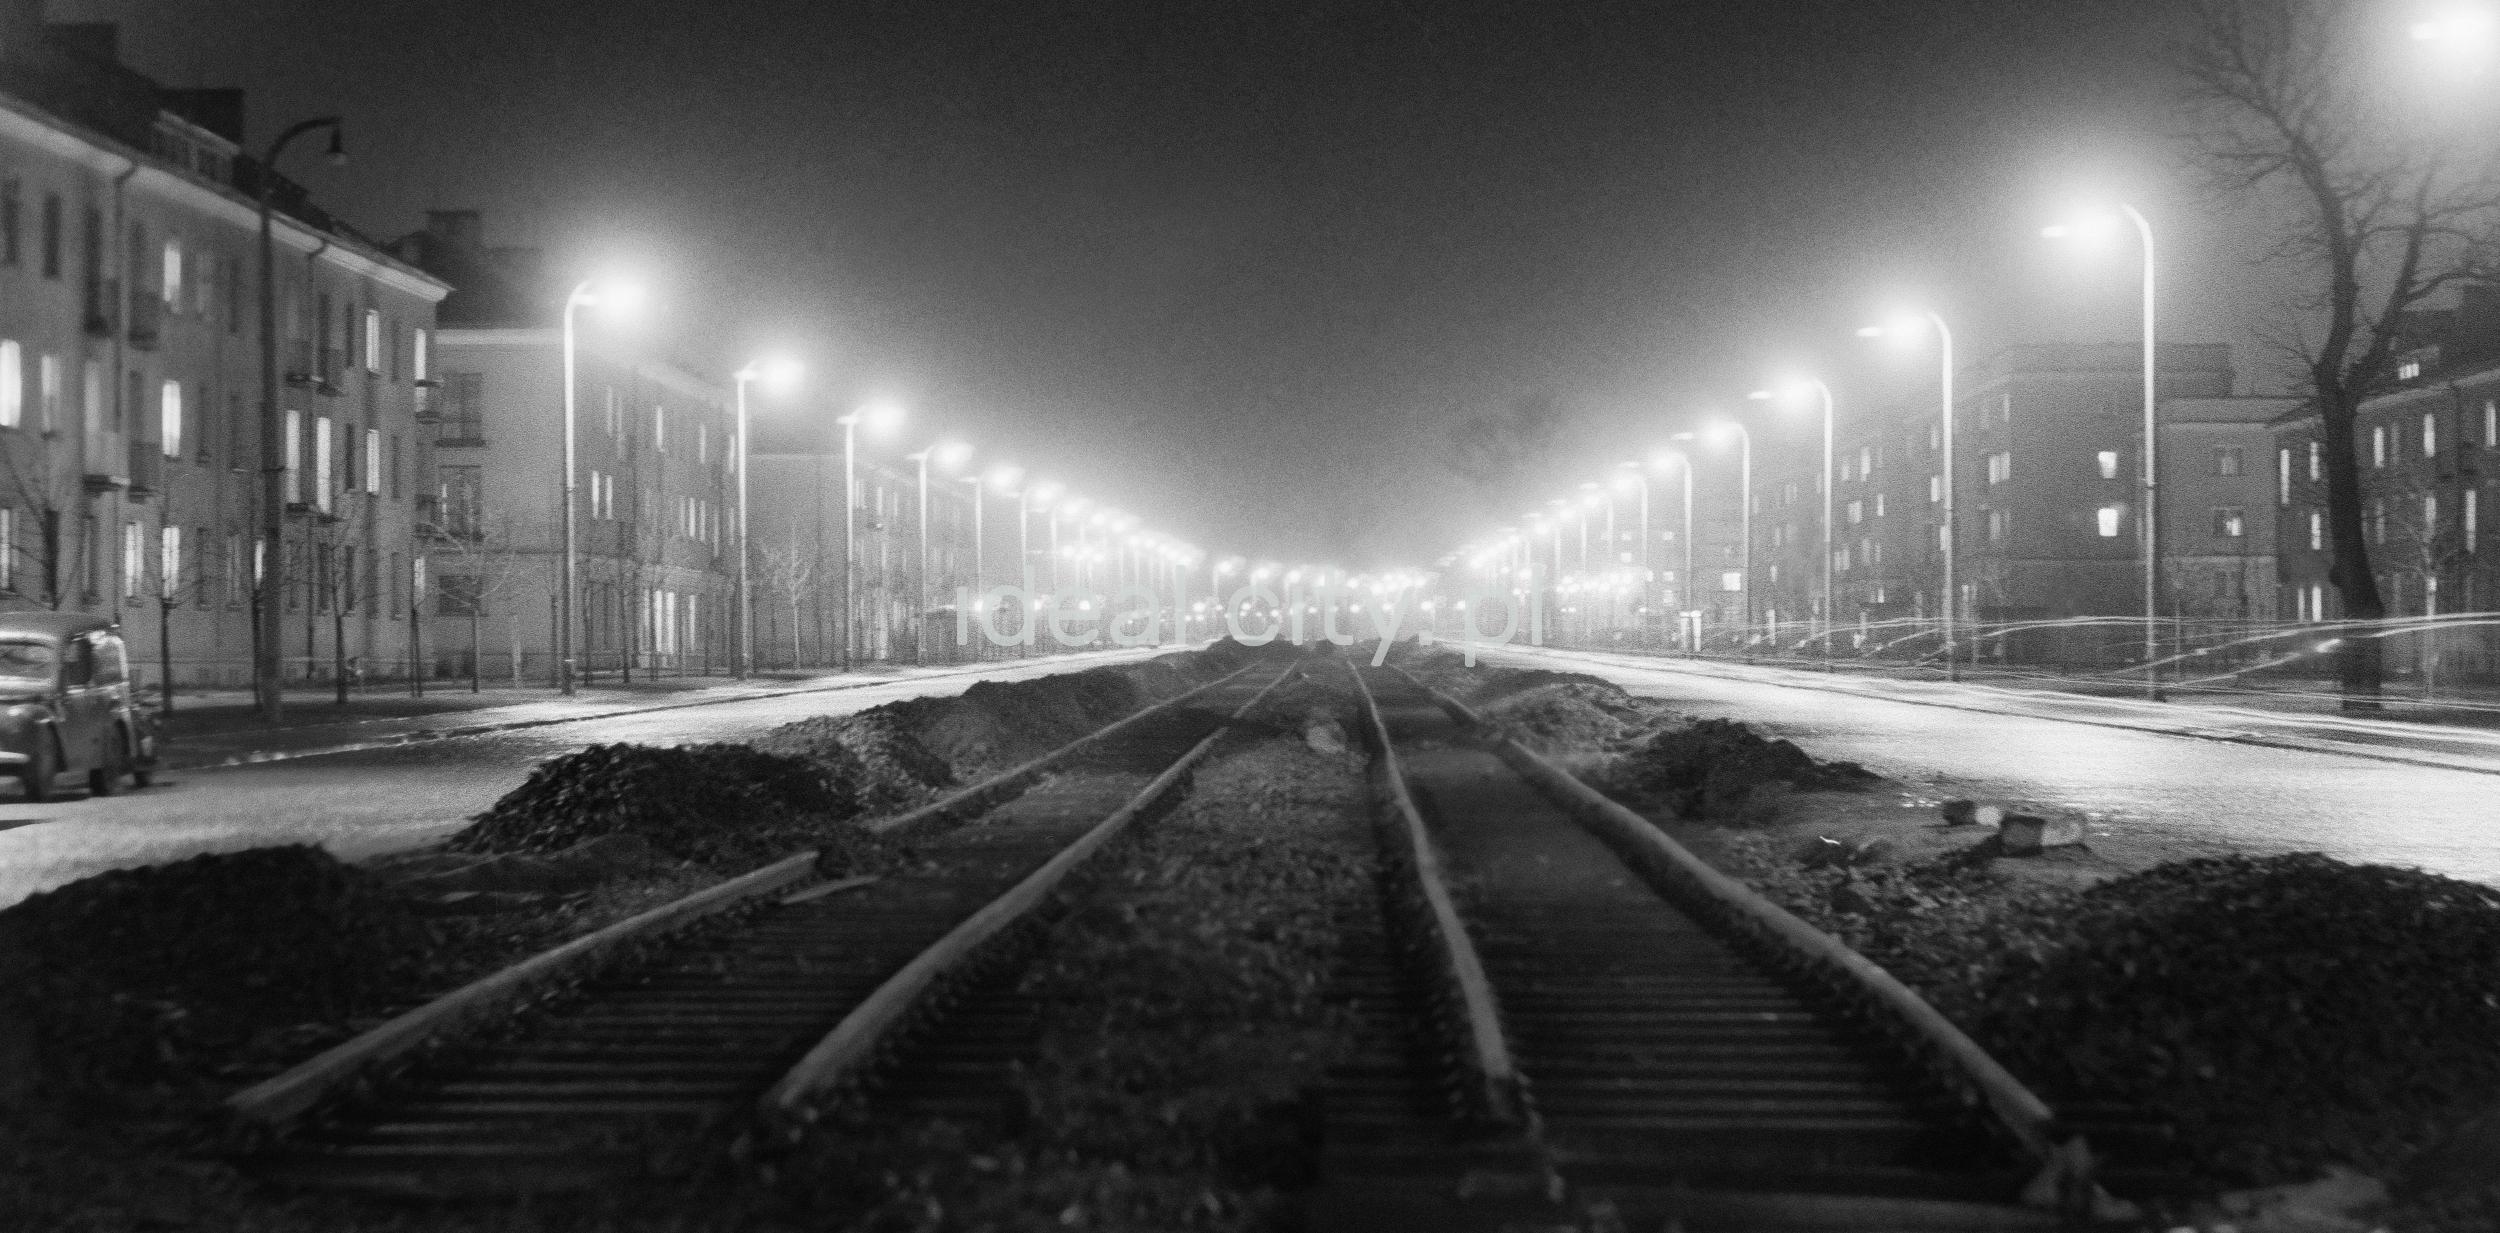 Nocne ujęcie na perspektywę szerokie, oświetlonej ulicy. Oś kadry stanowią tory tramwajowe.